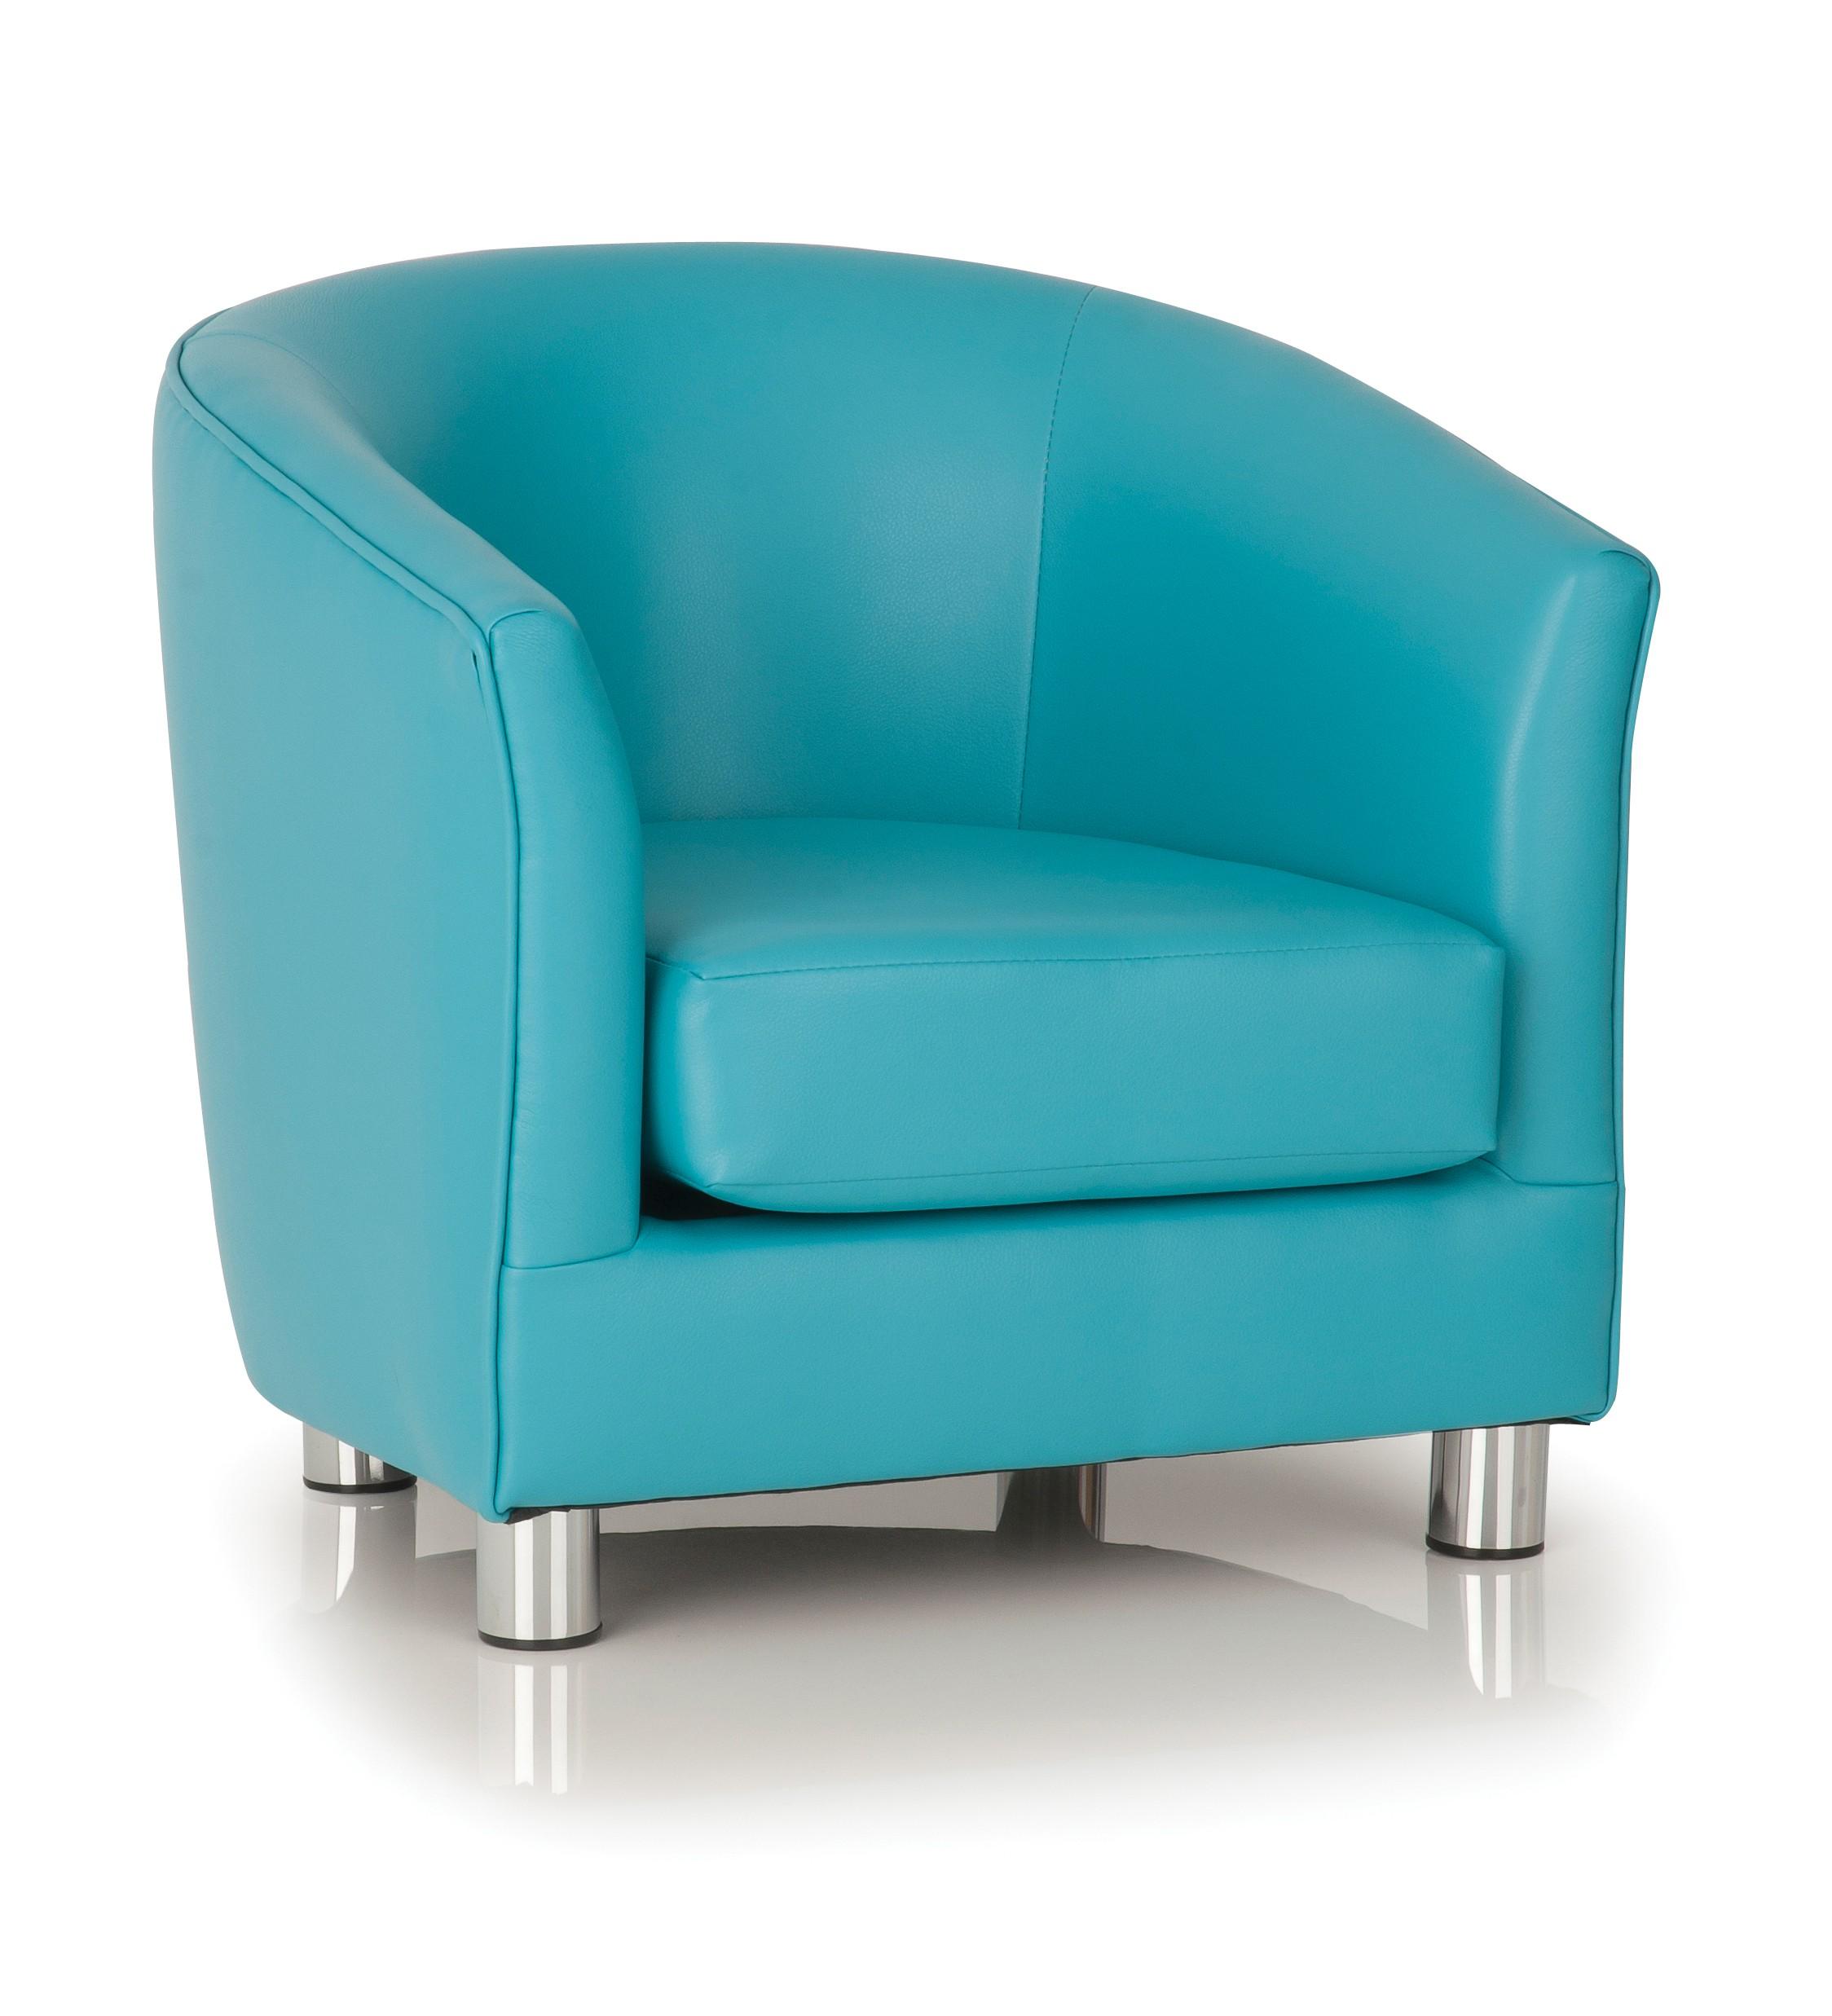 Aqua Adult Tub Chair